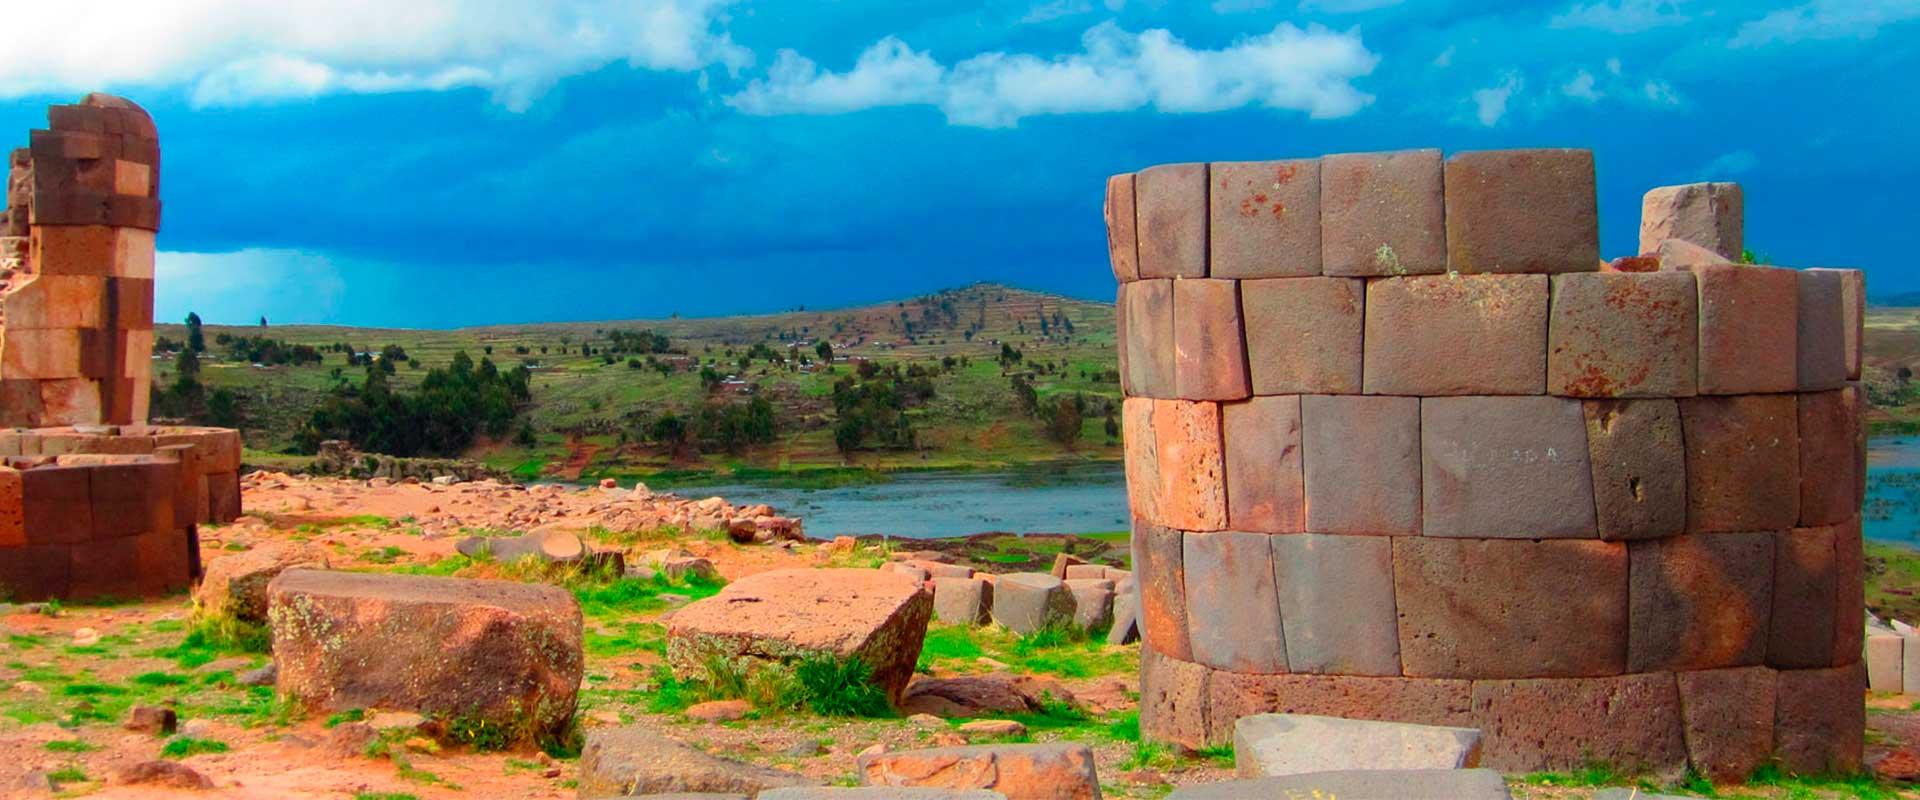 Sillustani Tombs Towers